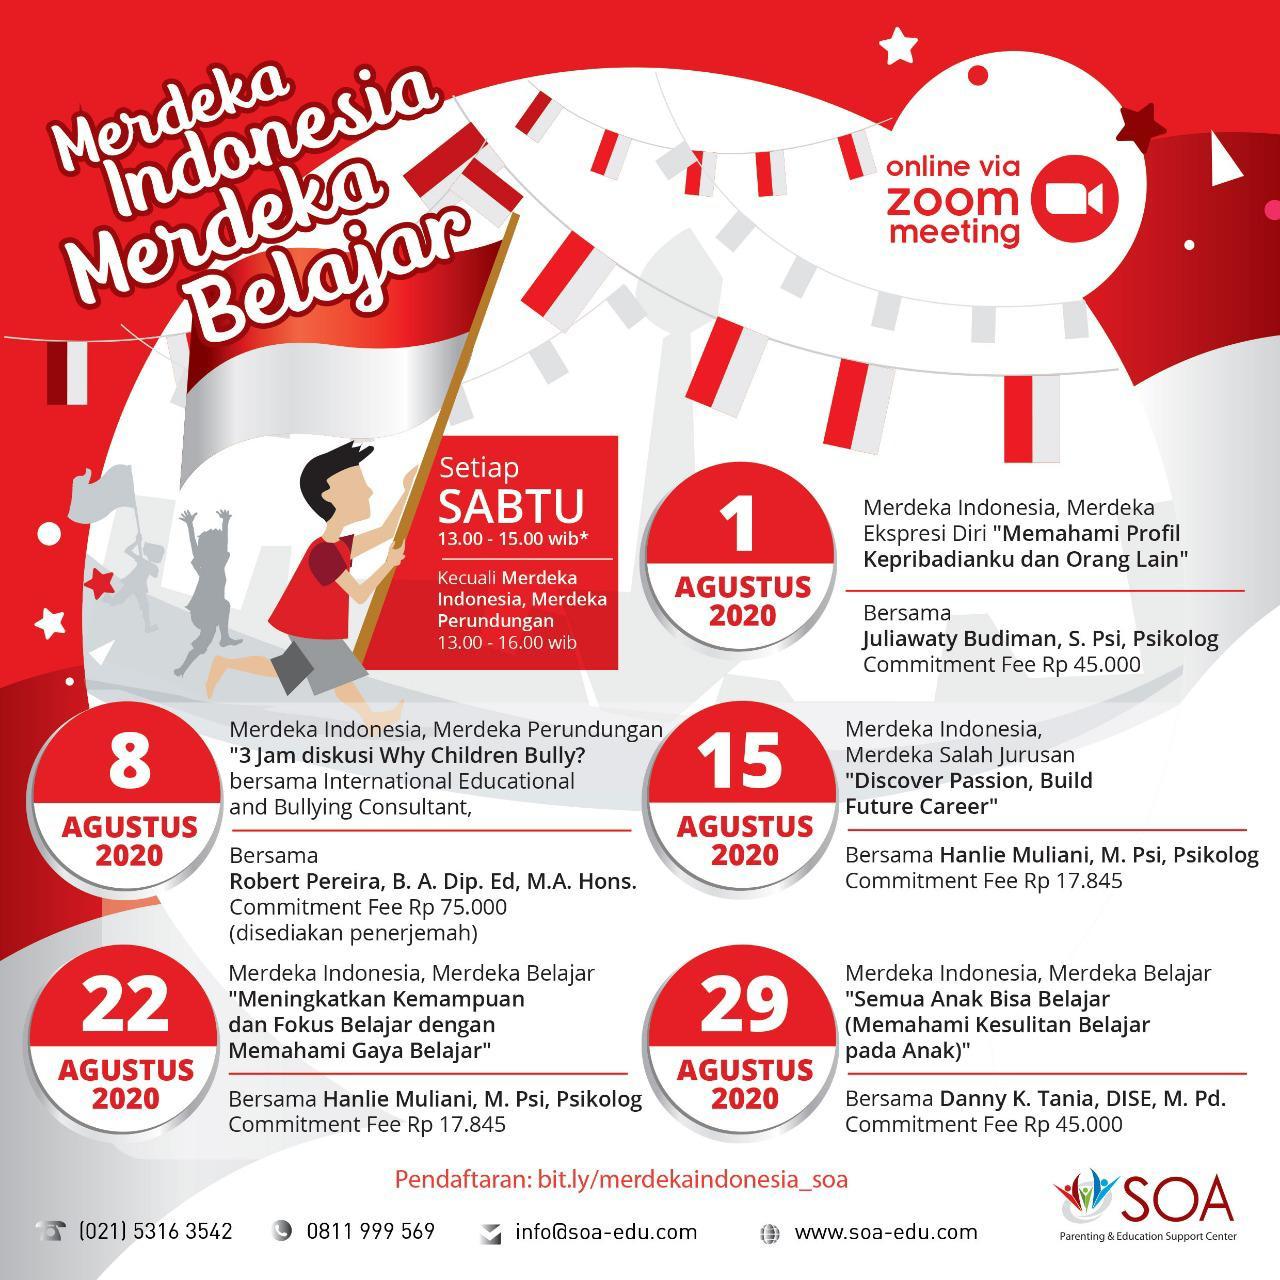 SOA Merdeka Indonesia